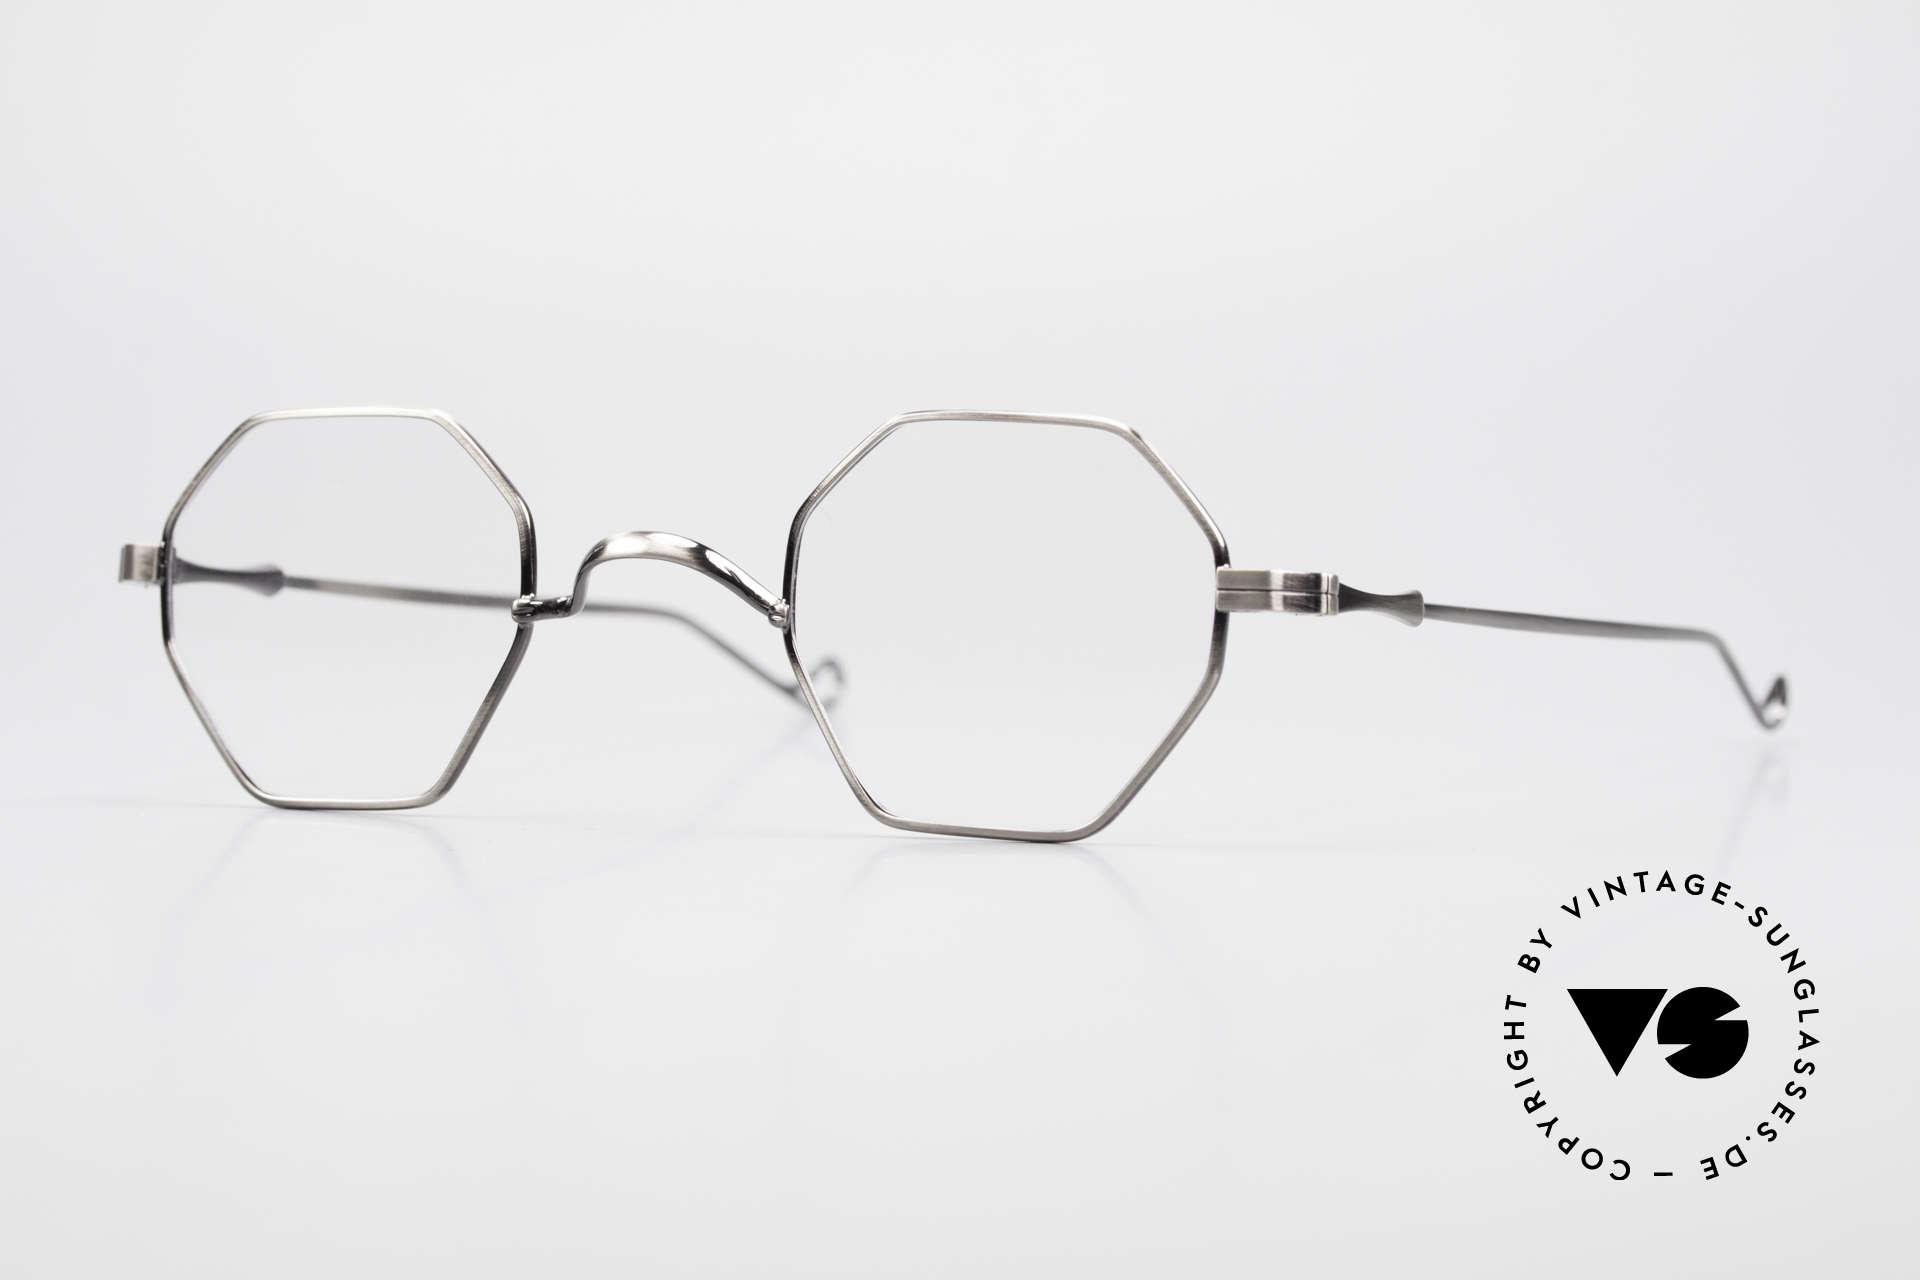 """Lunor II 11 Eckige Pantobrille Sehr Klein, LUNOR = französisch für """"Lunette d'Or"""" (Goldbrille), Passend für Herren und Damen"""